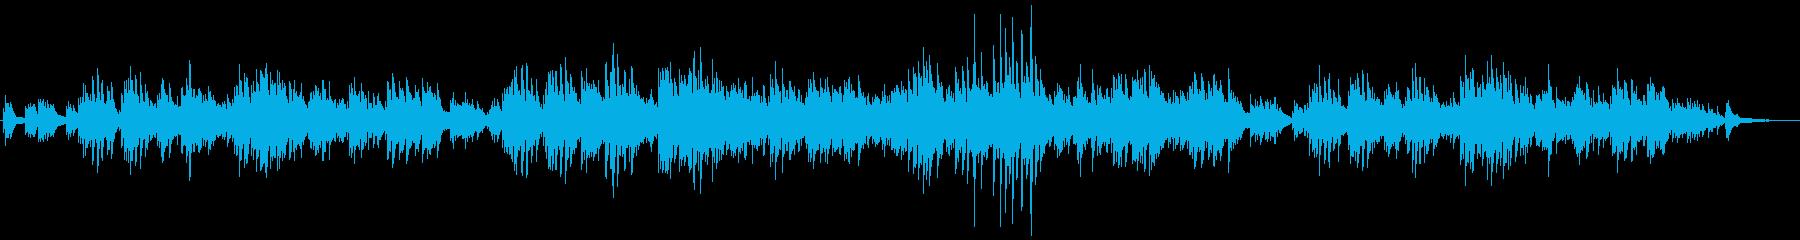 ギターデュオの生演奏による癒しのバラードの再生済みの波形